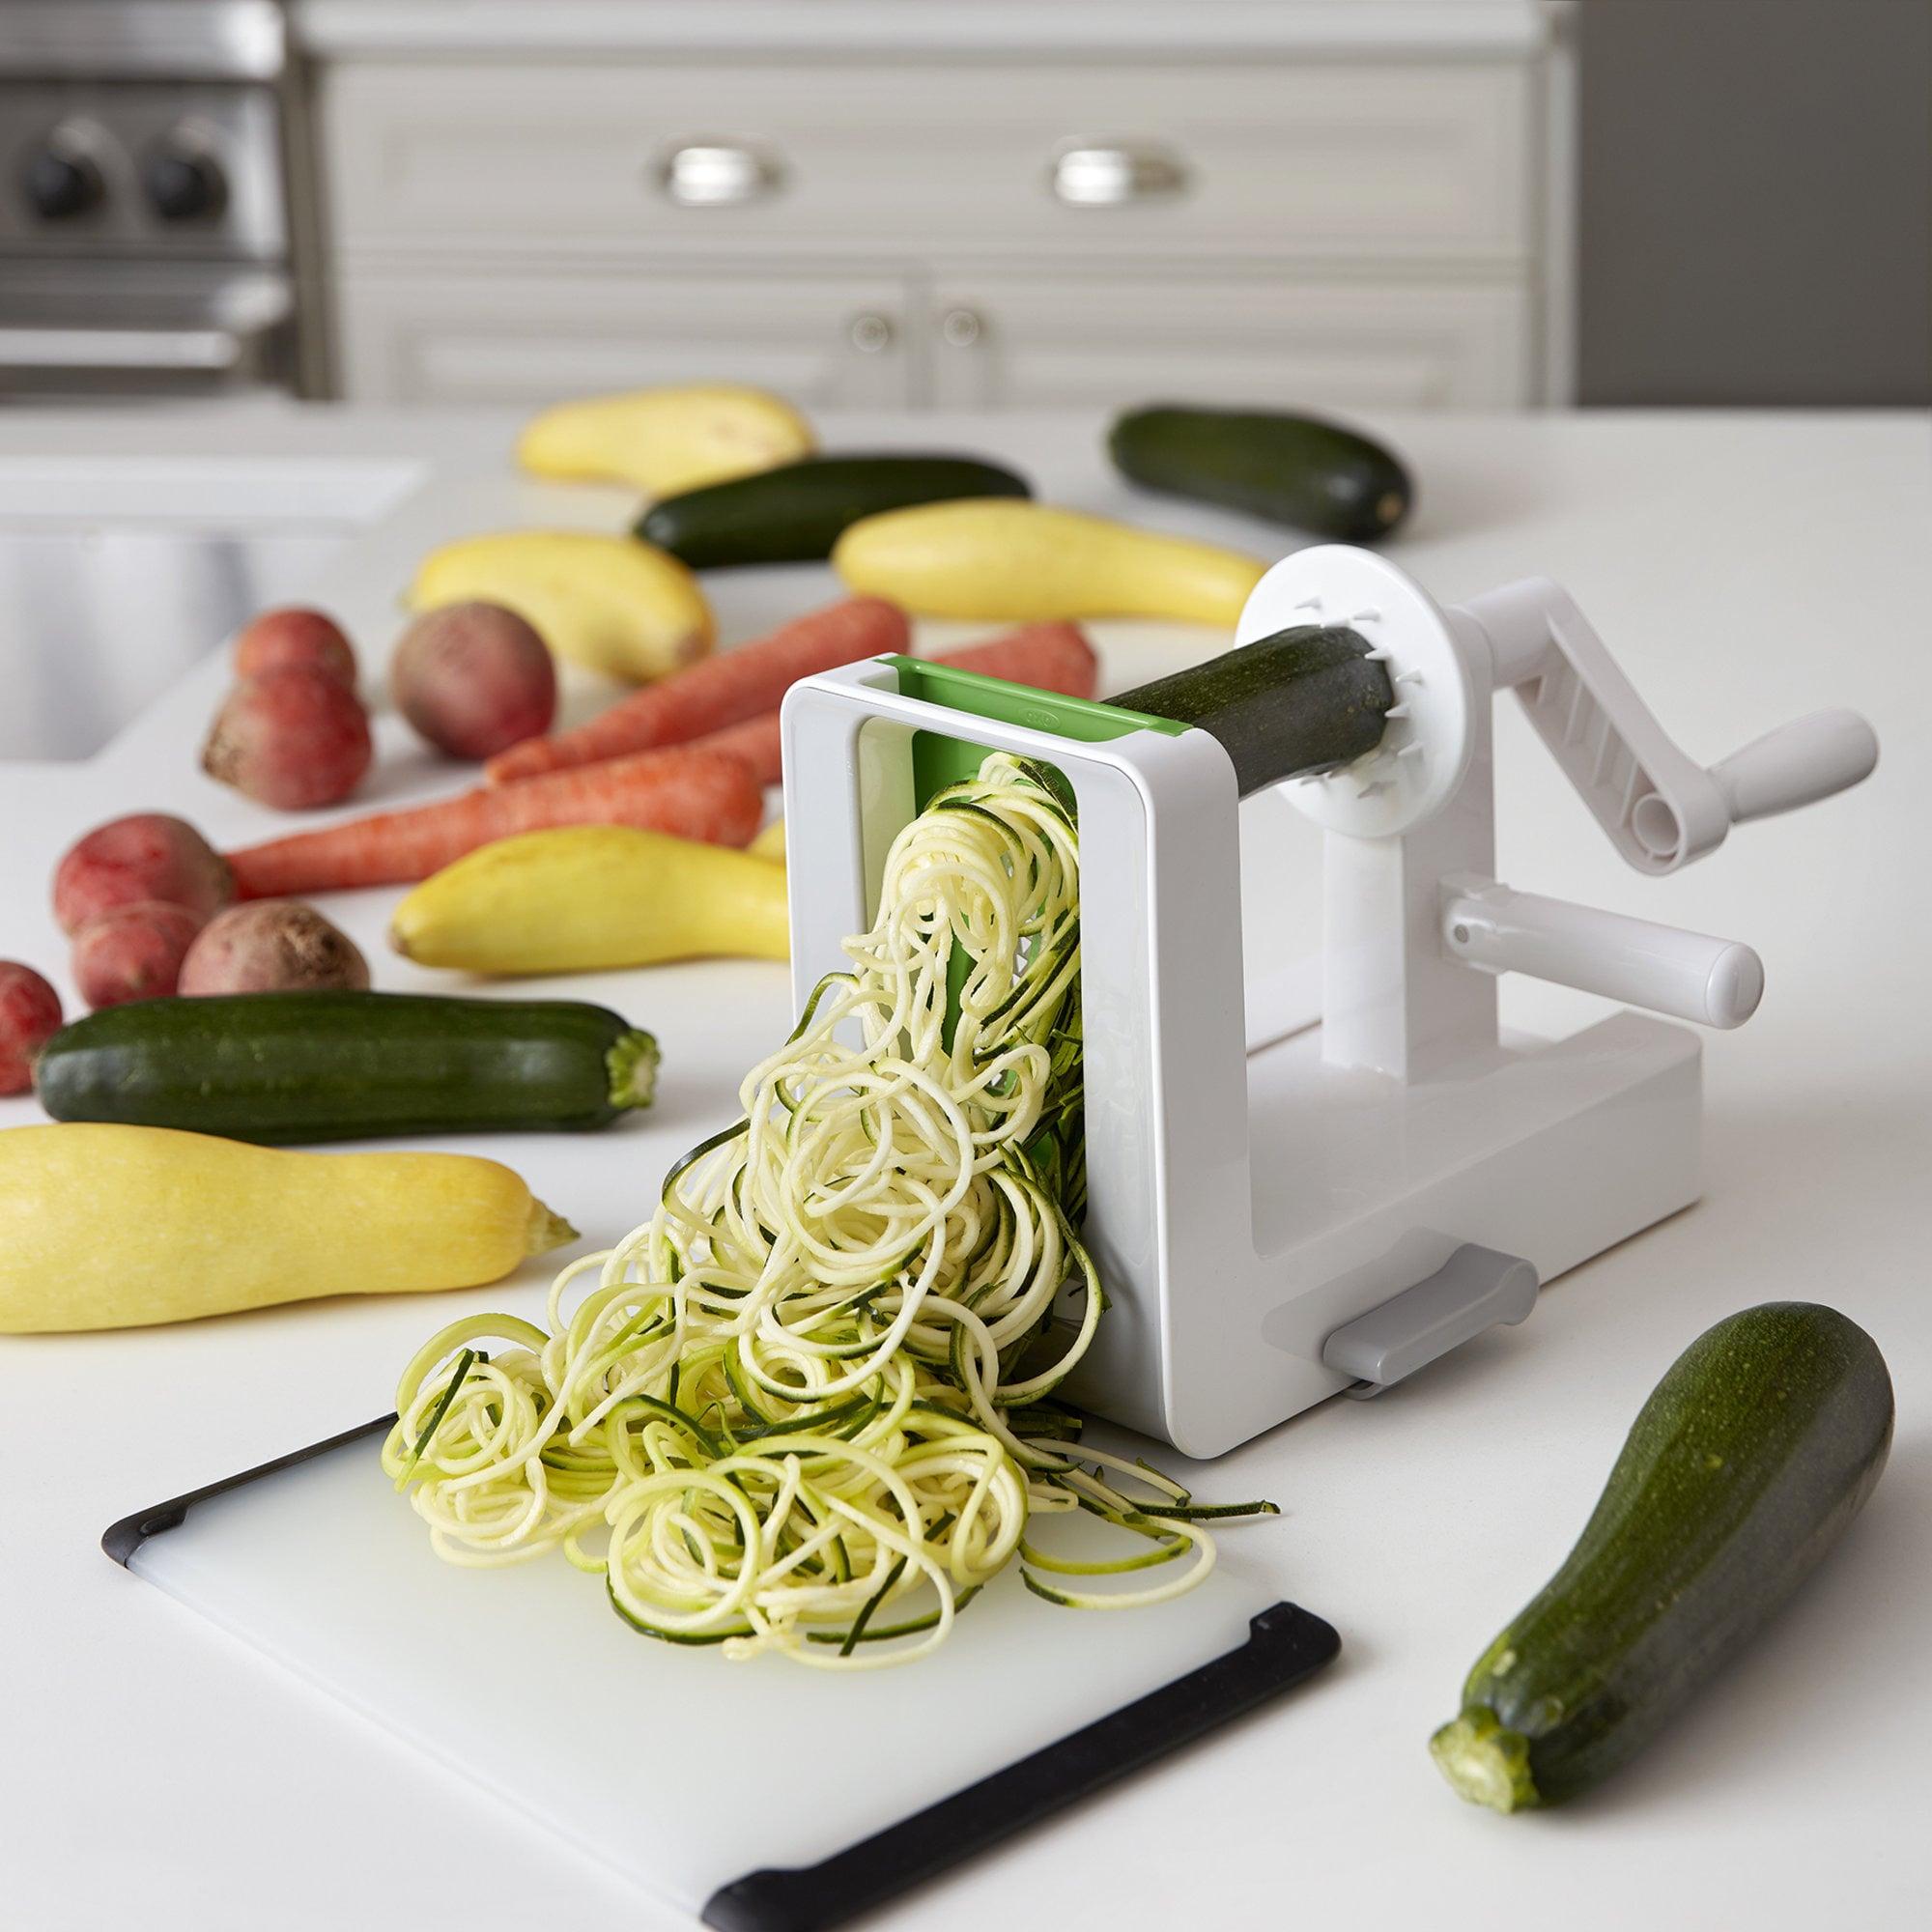 Best Kitchen Gadgets From Bed Bath Beyond Popsugar Home